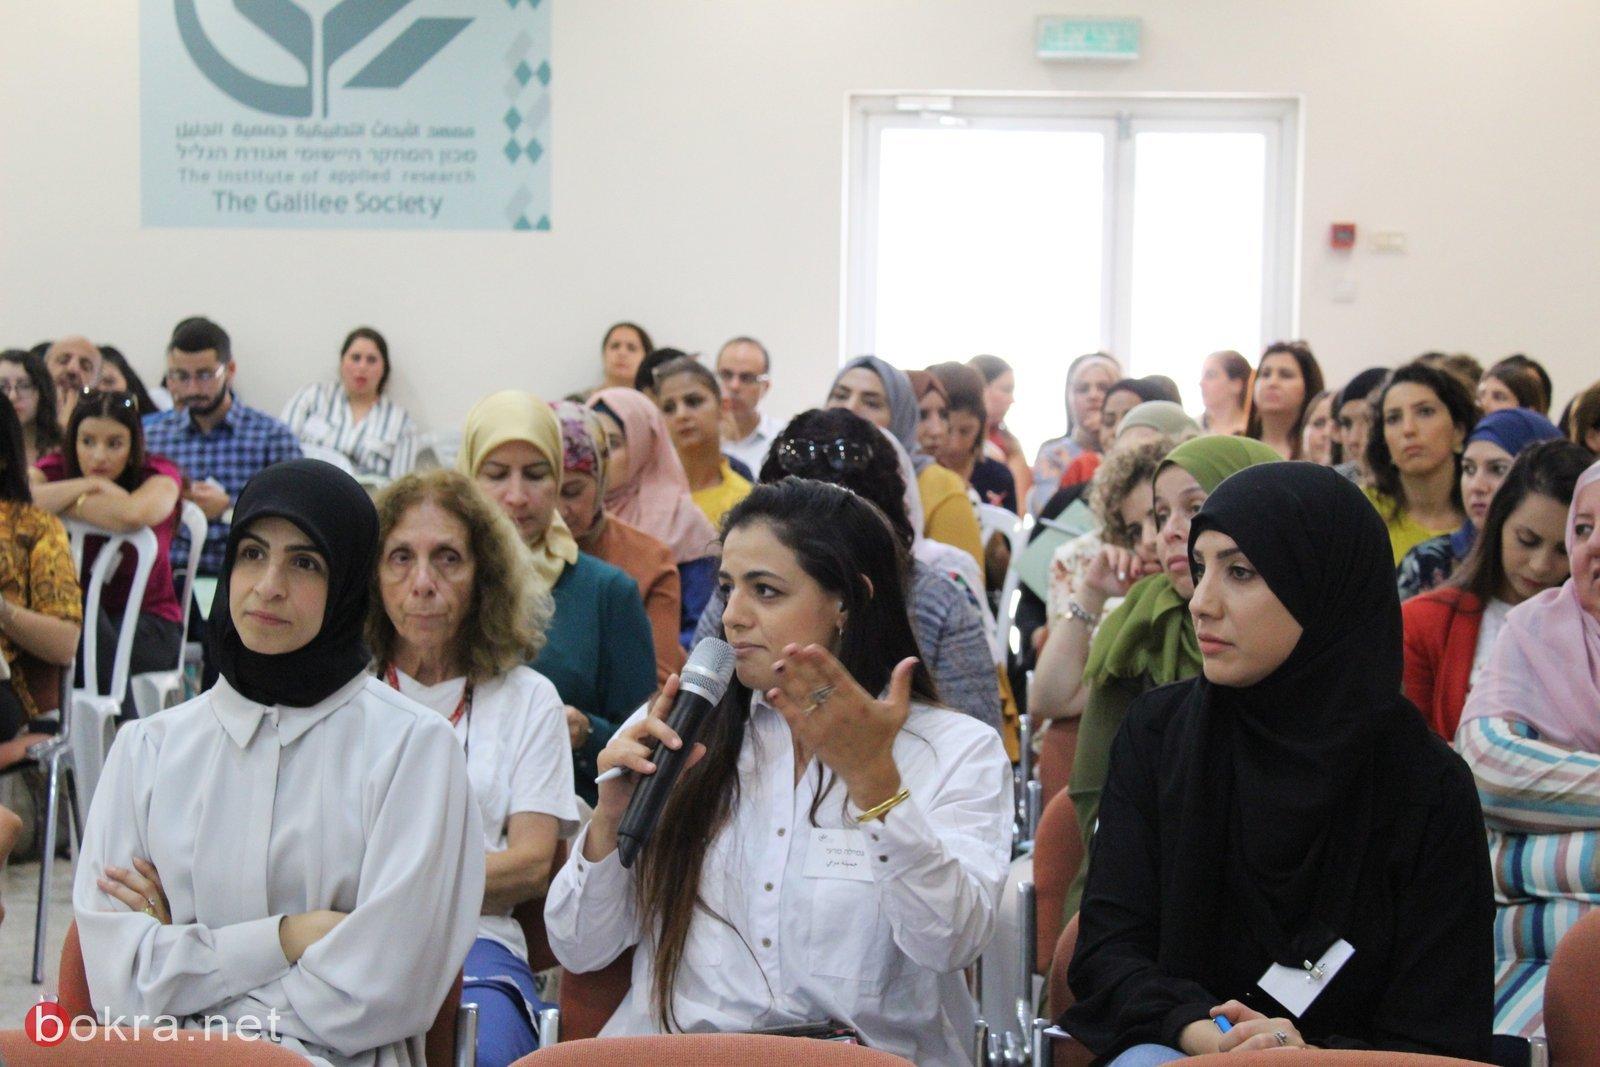 جمعية الجليل تطلق مؤتمرها العلمي السنوي للعام 2019 -11